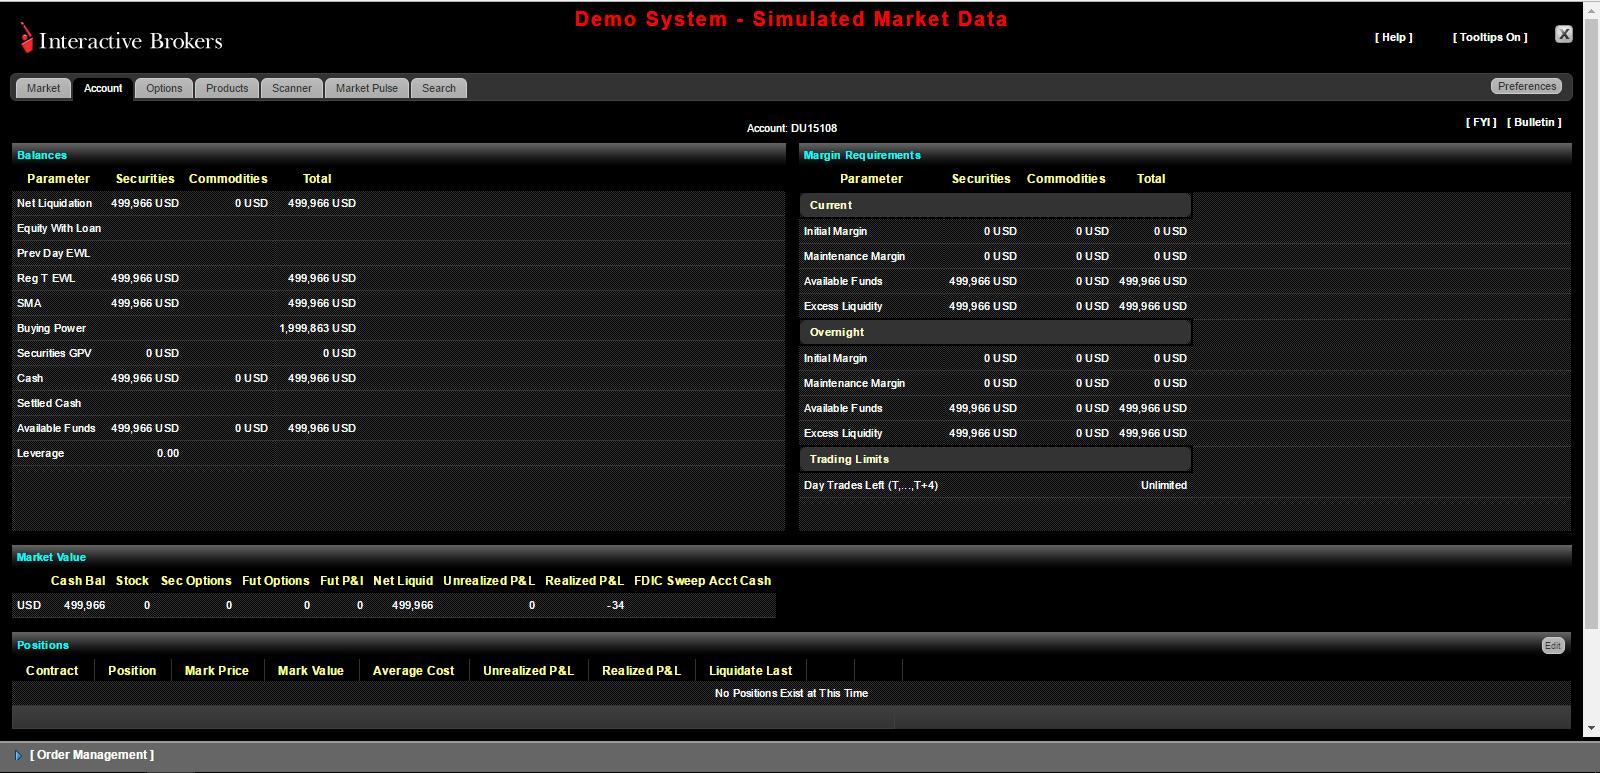 best-online-brokers-blogpost-interactive-brokers-web-trading-platform